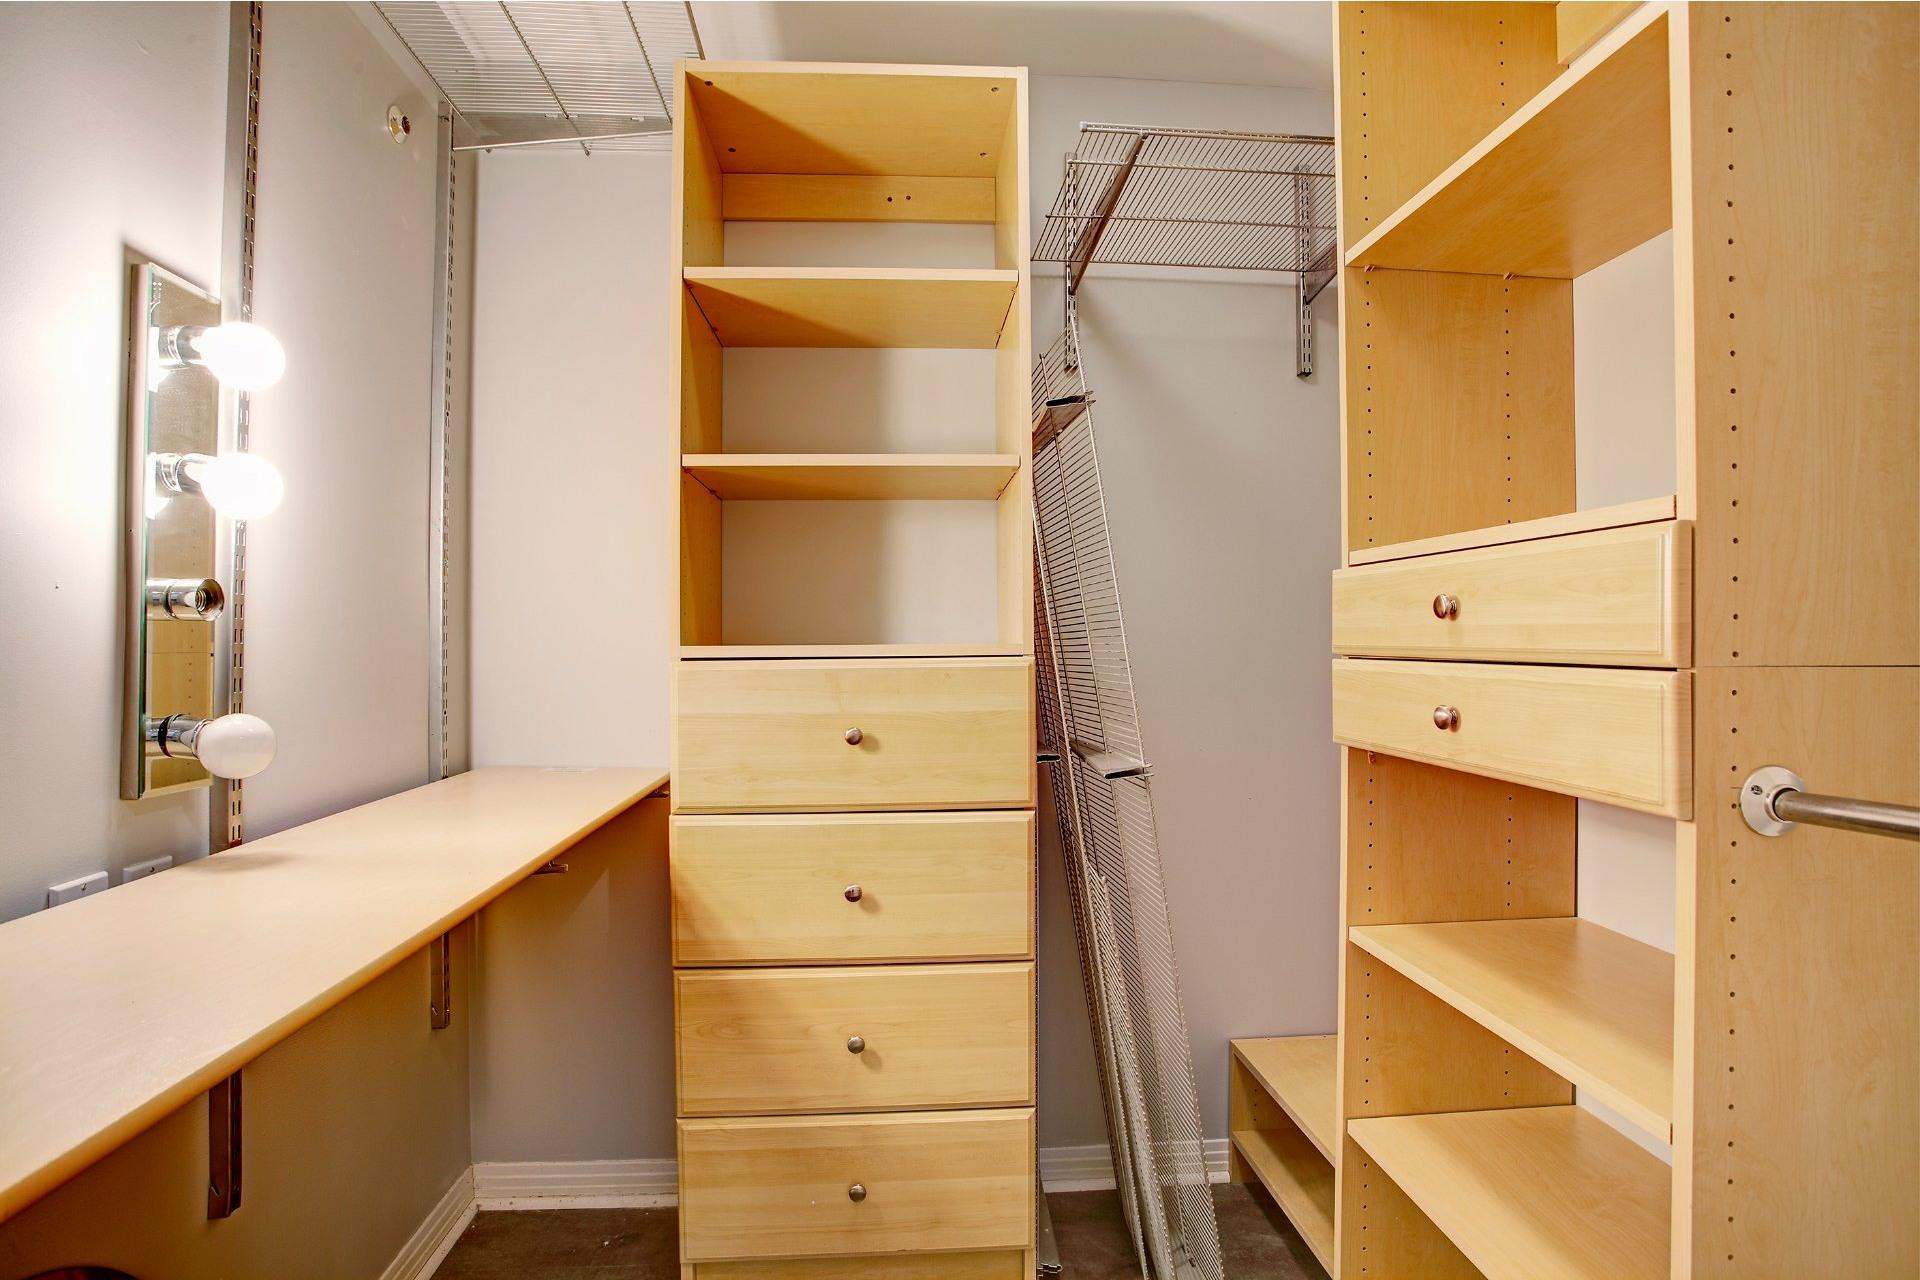 image 25 - Apartment For sale Ville-Marie Montréal  - 5 rooms